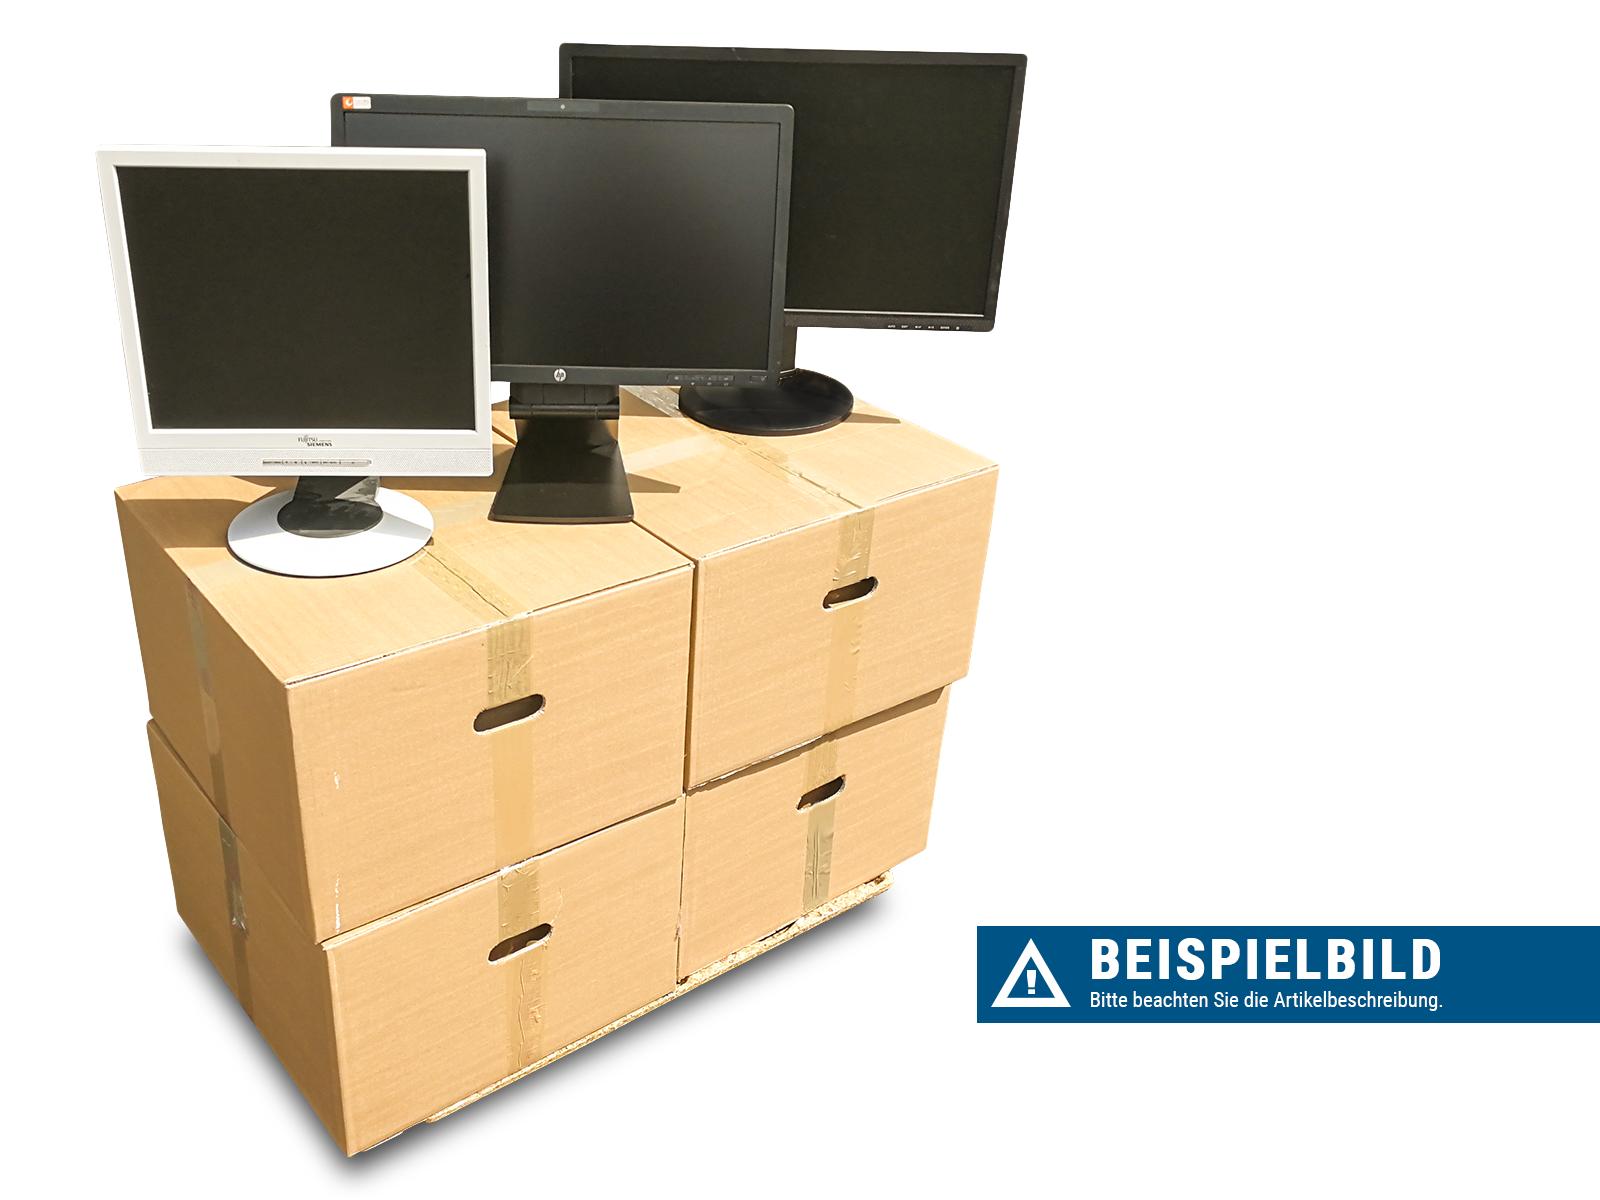 TFT PAKET:  95 Stück lt. Liste - Ohne Gewähr auf Vollständigkeit und Funktionsfähigkeit - Ungetestet direkt vom Endanwender - shop.bb-net.de